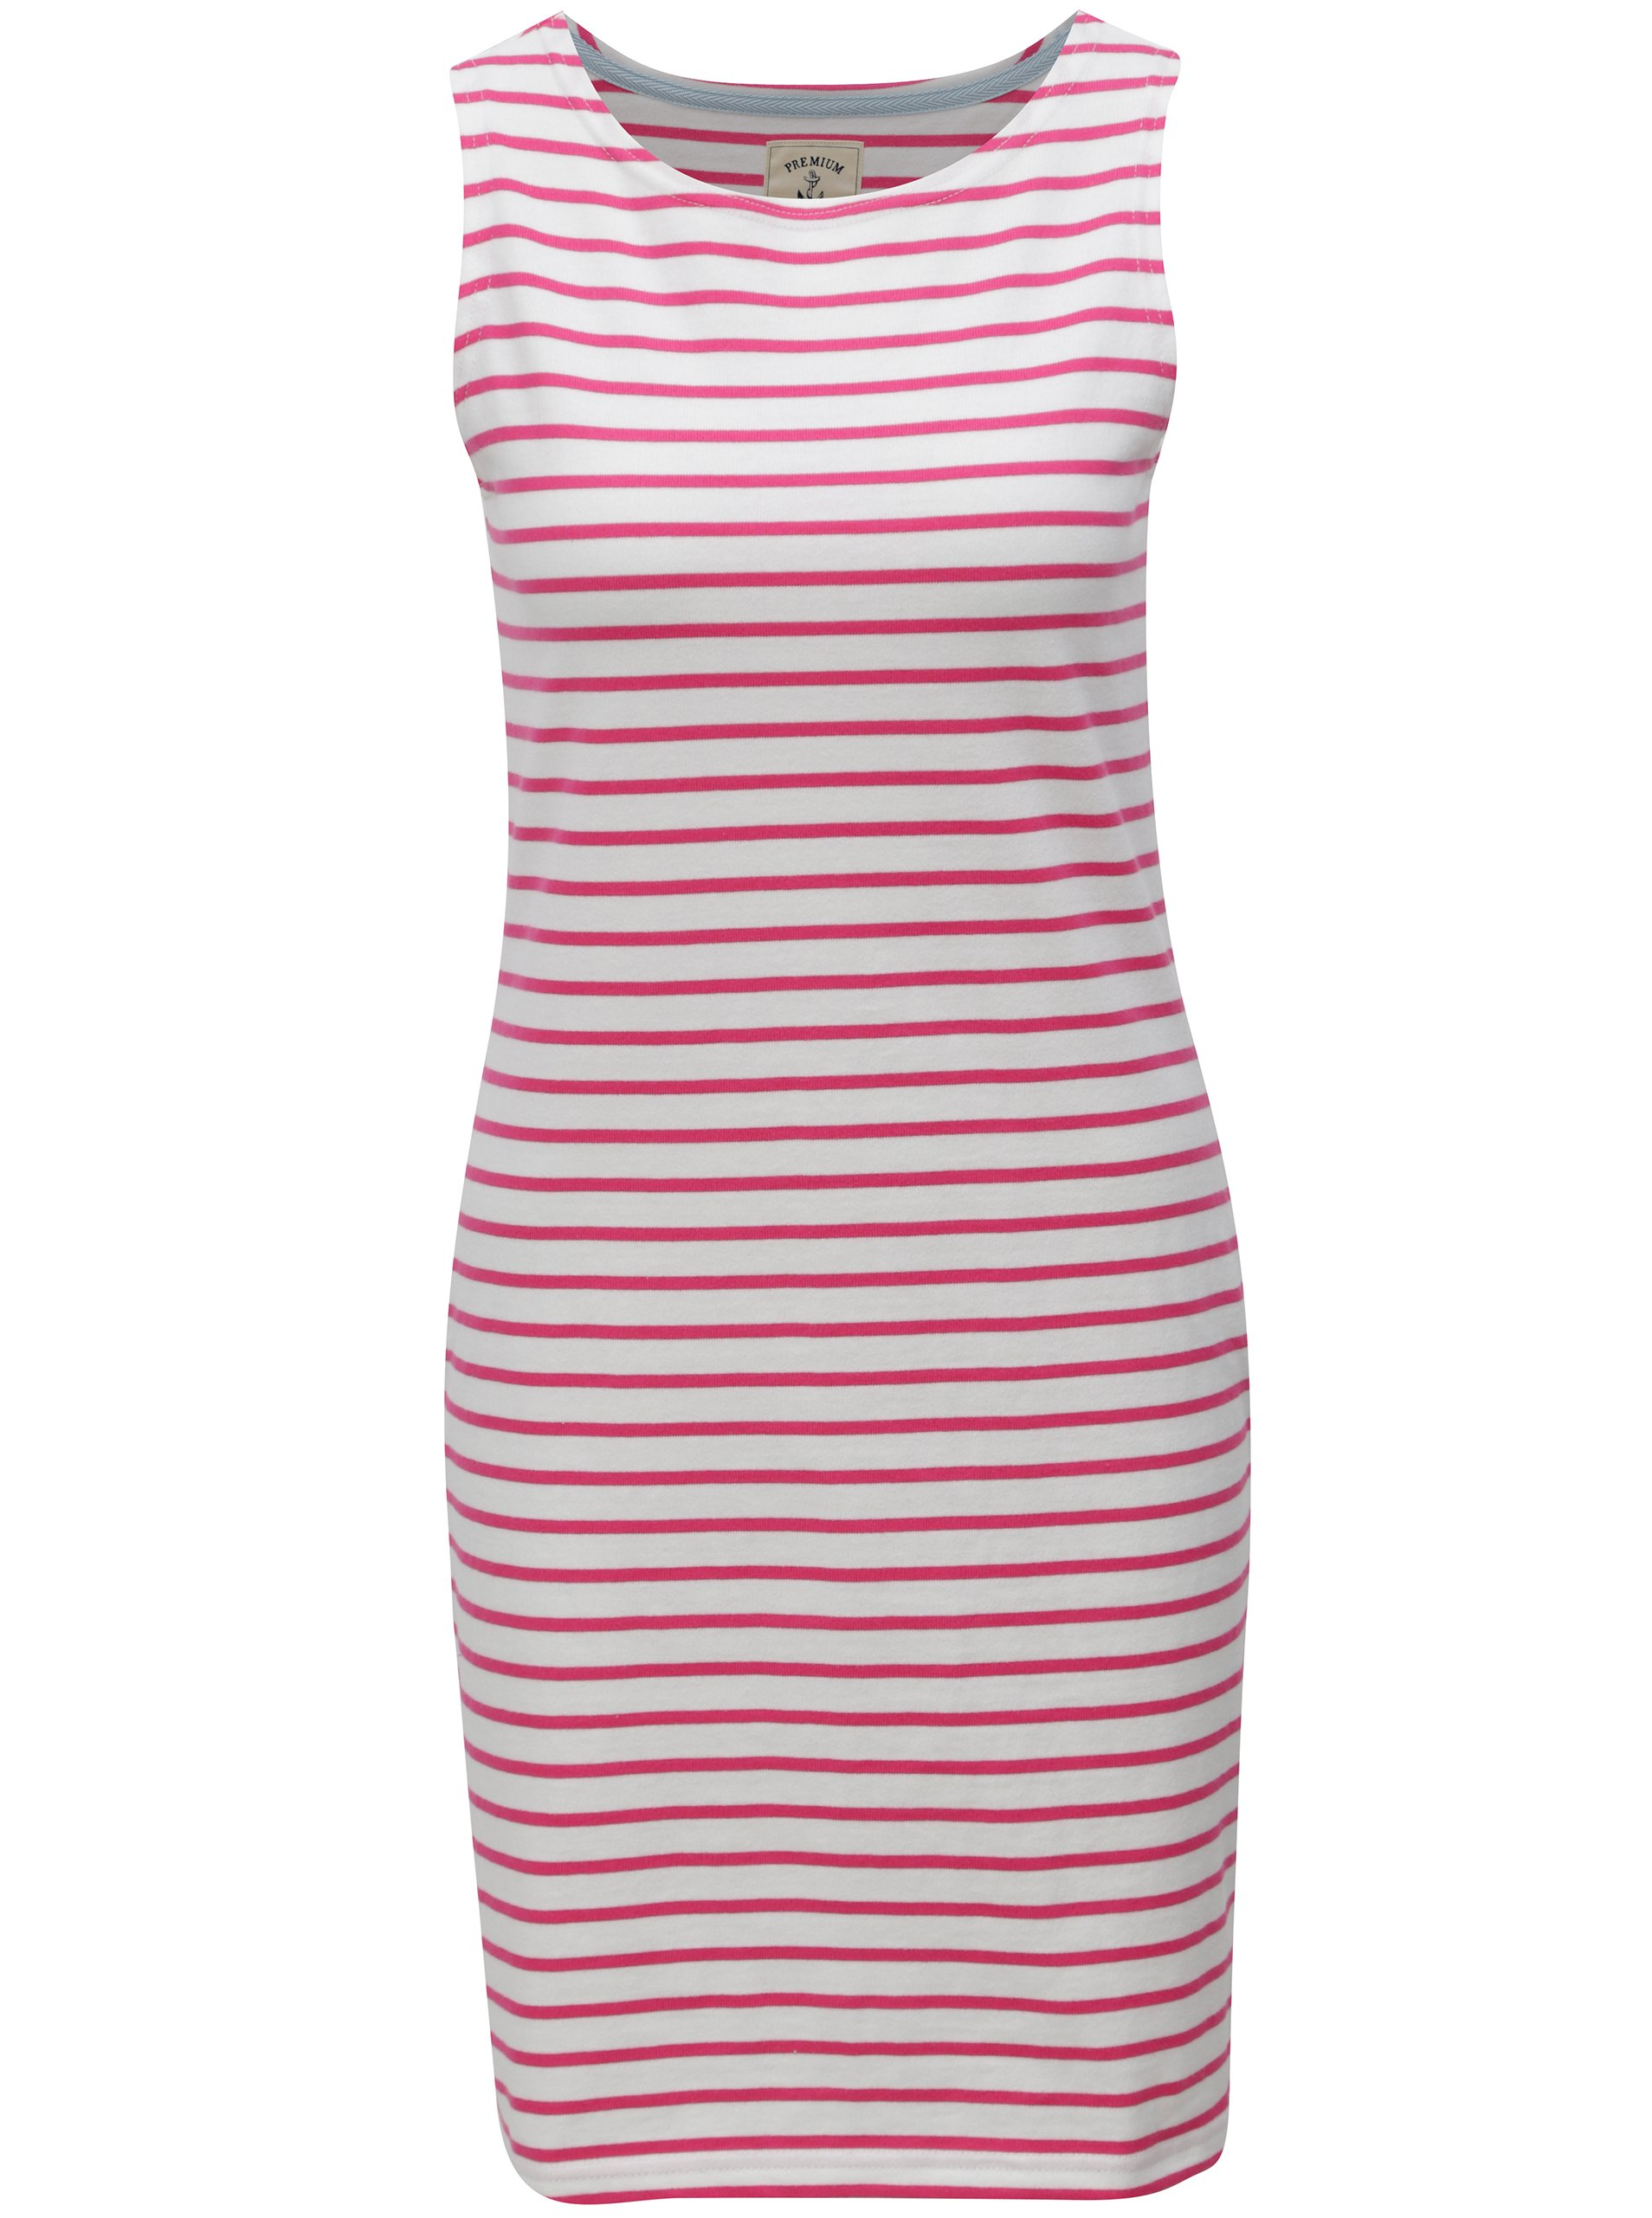 Růžovo-bílé dámské pruhované šaty Tom Joule Jersey e13c0419c6